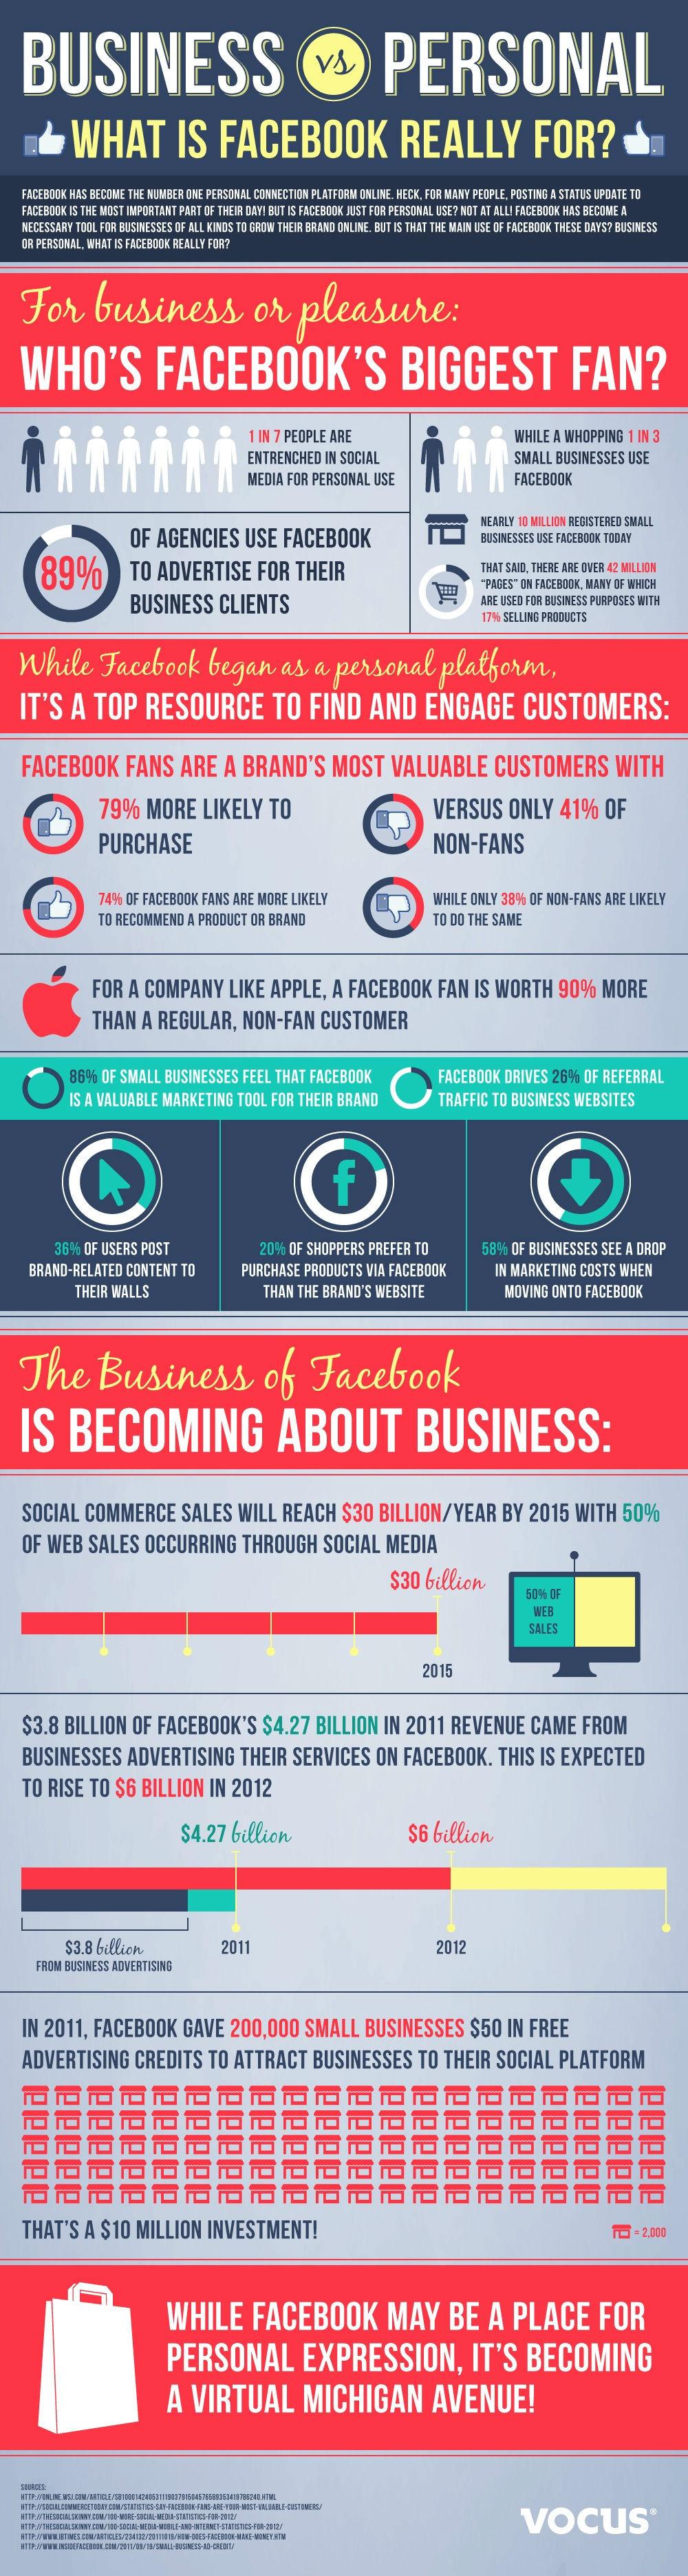 Ventas a través de redes sociales serán del 50% en 2015